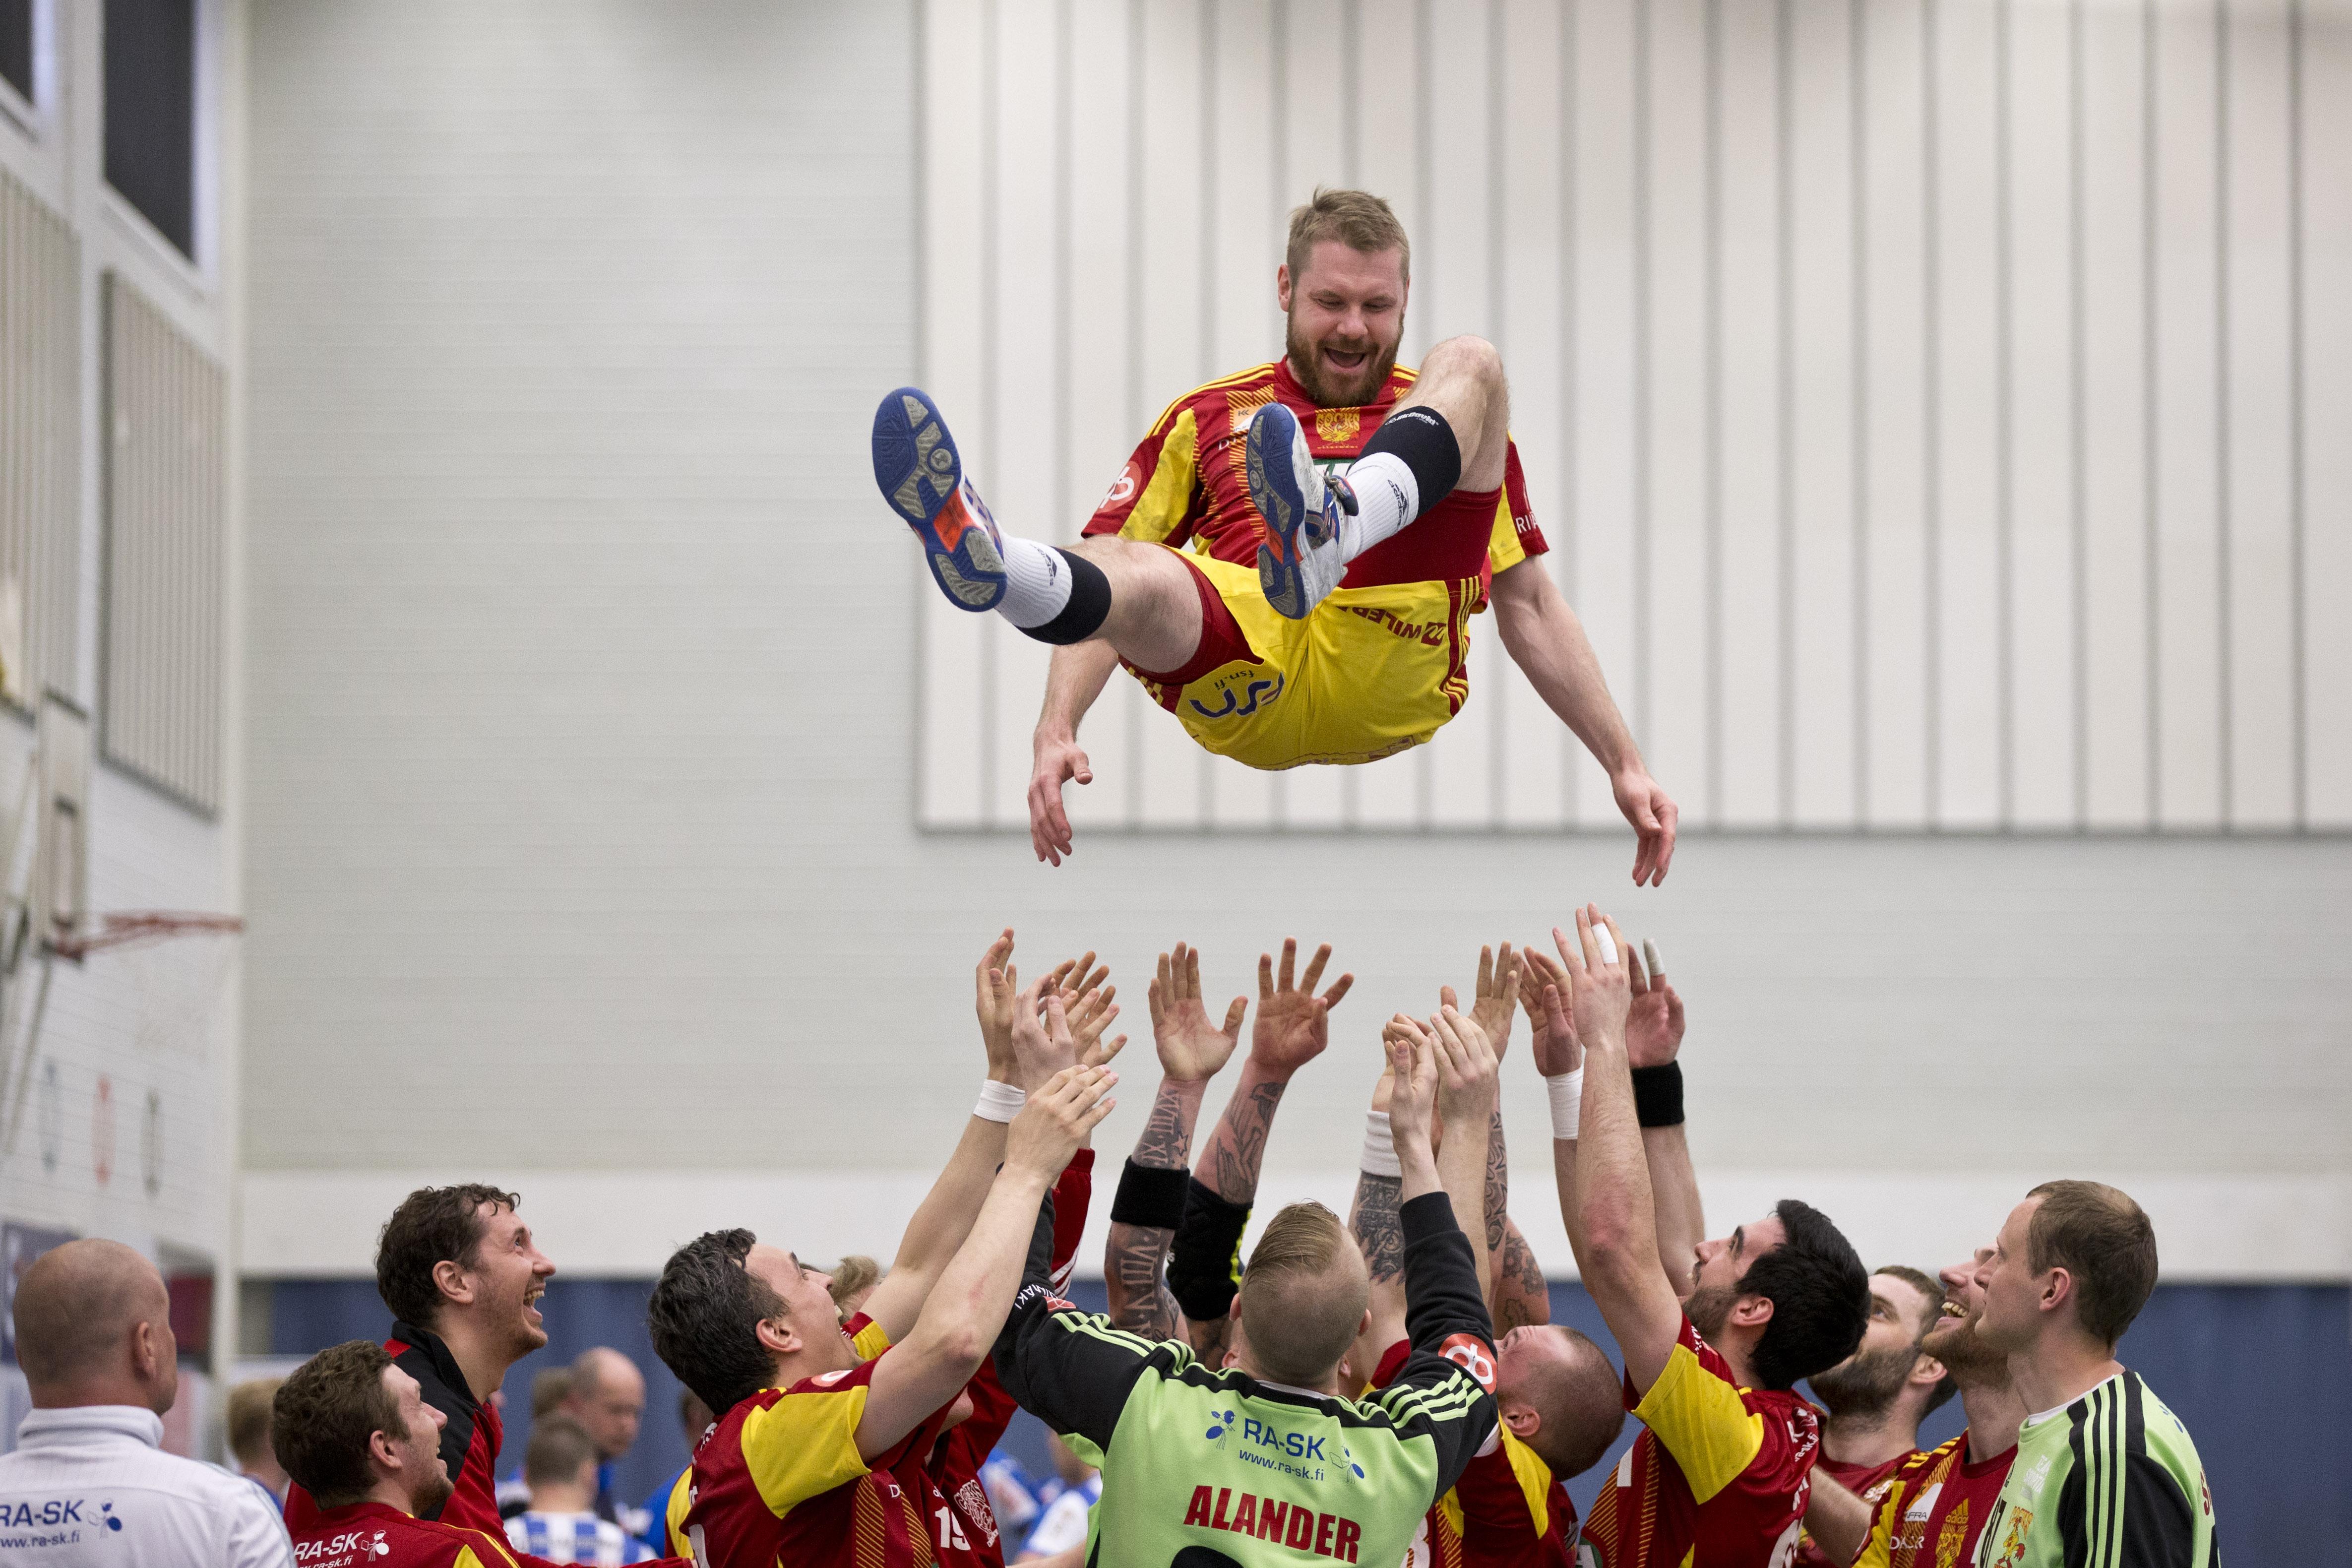 Käsipallo SM-liiga 3. finaali Cocks-BK-46